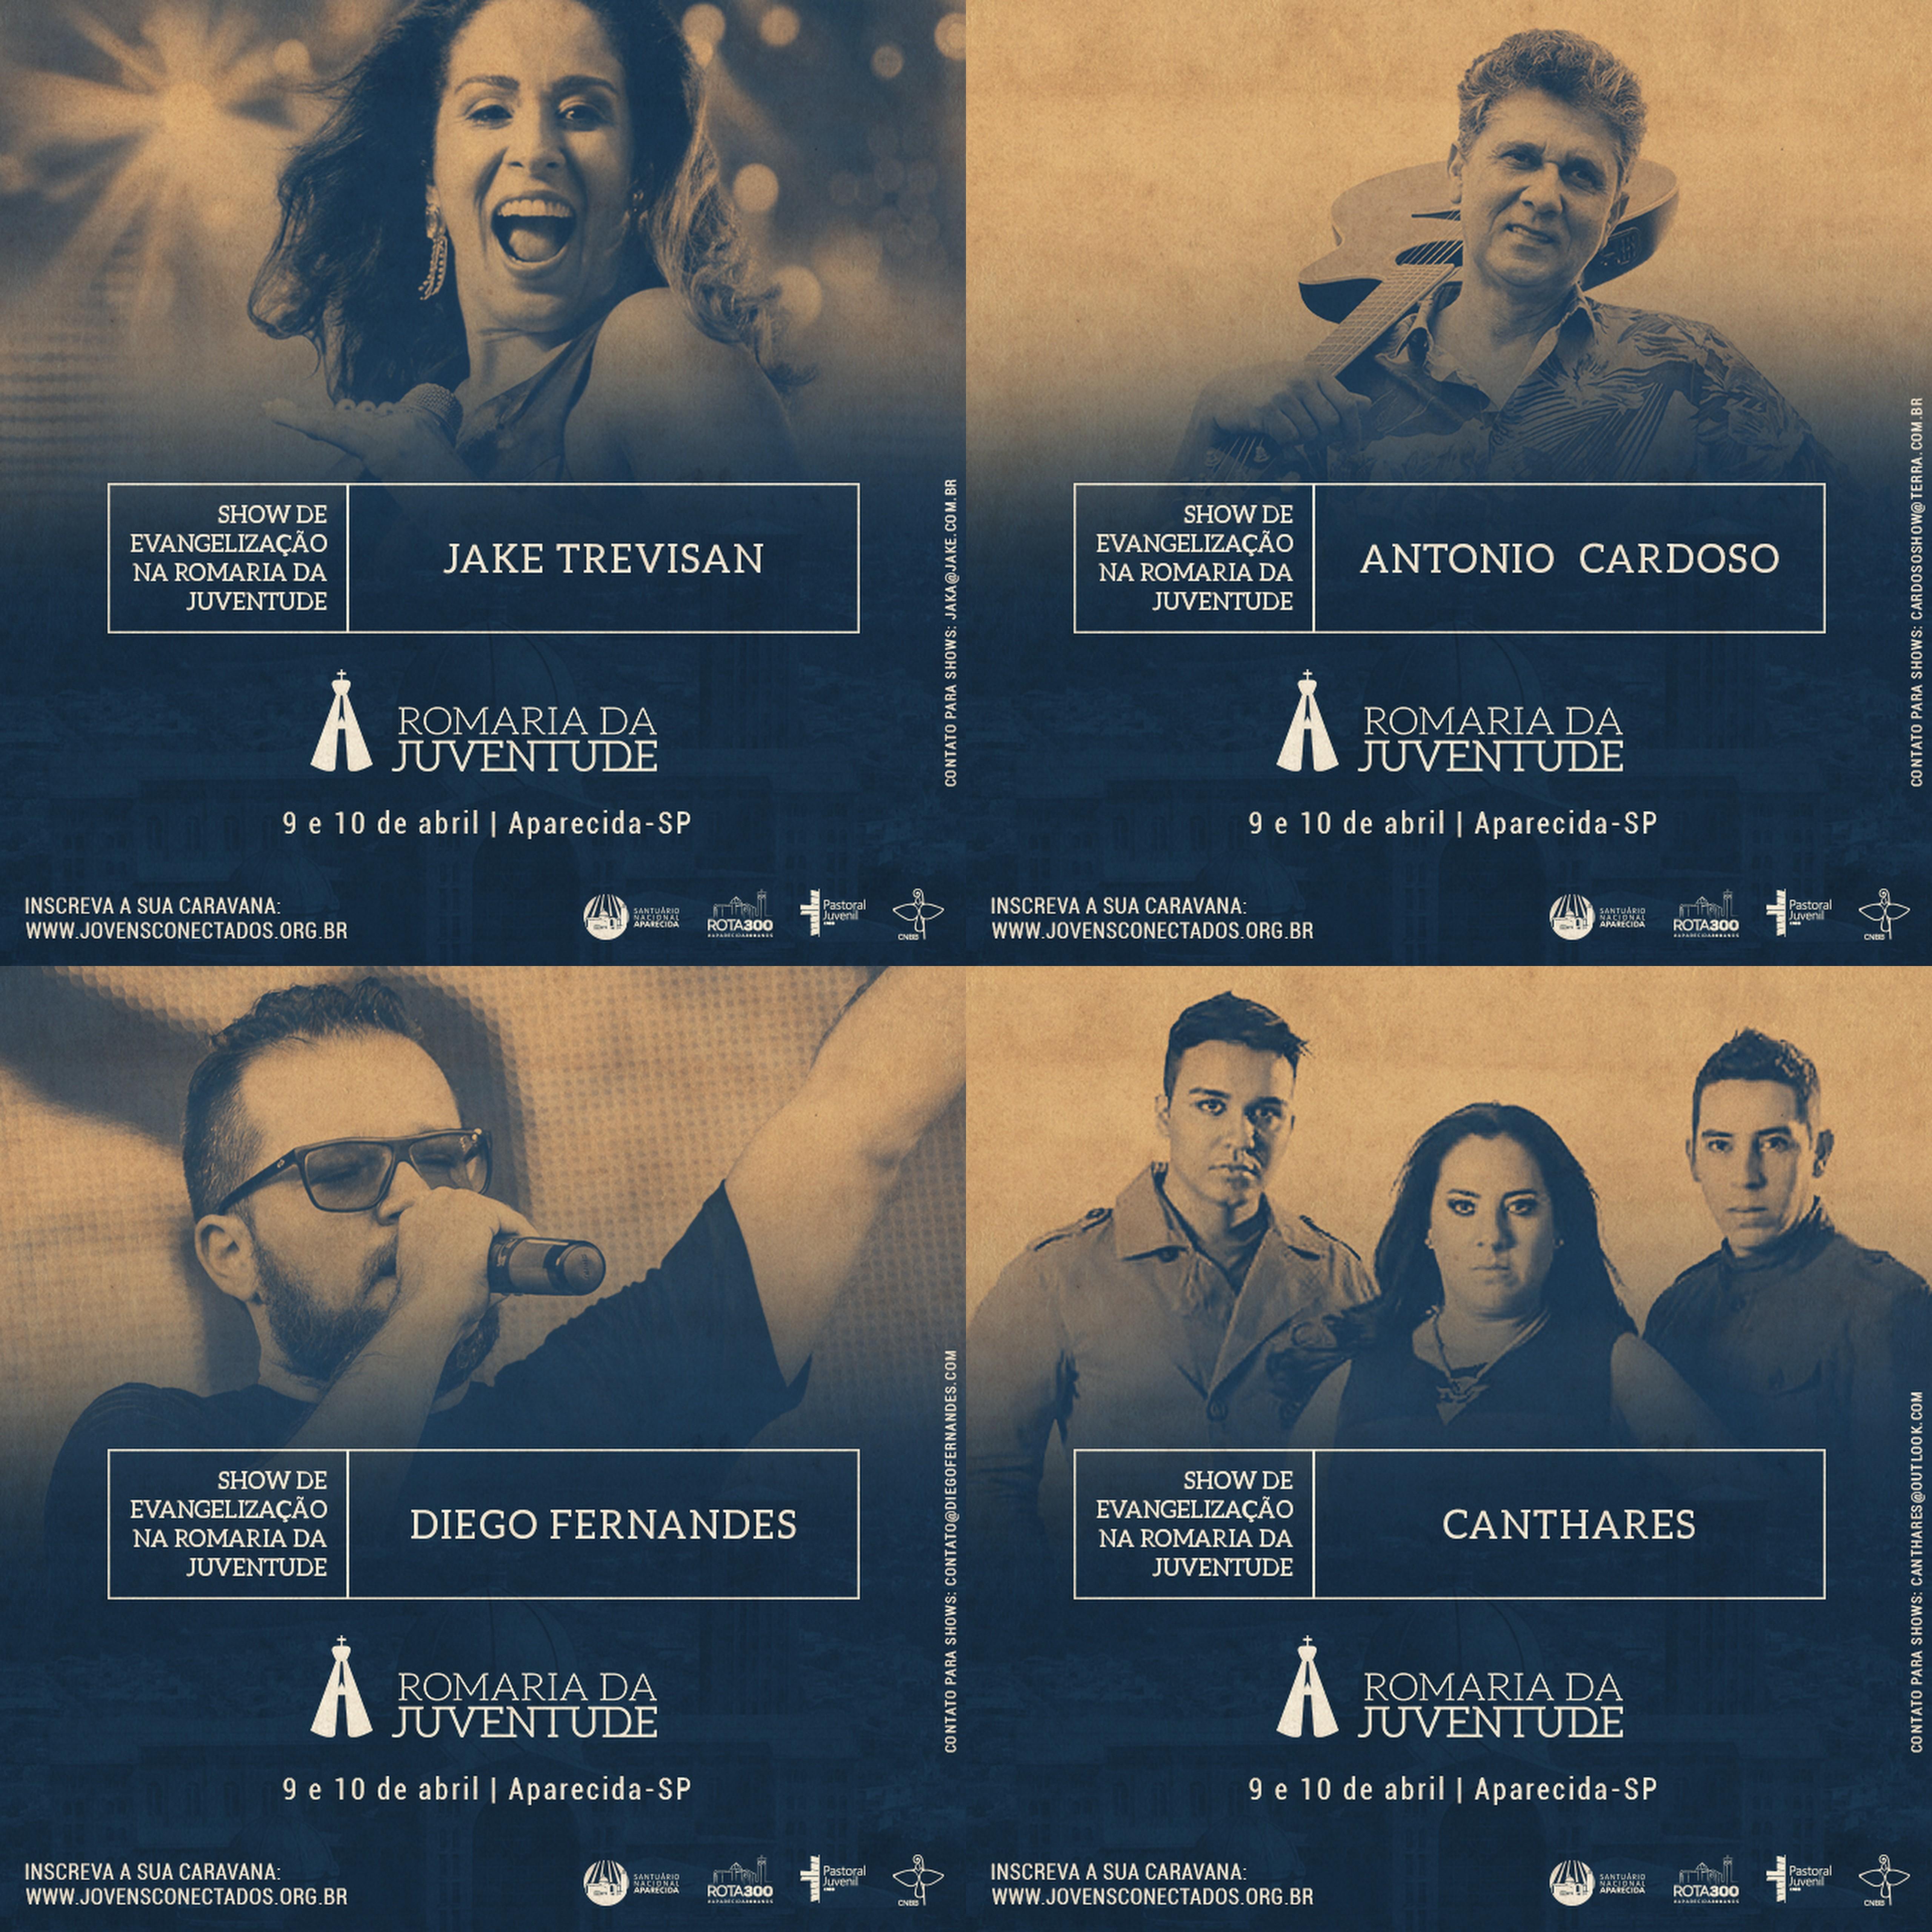 Confira as atrações dos shows da Romaria Nacional da Juventude!